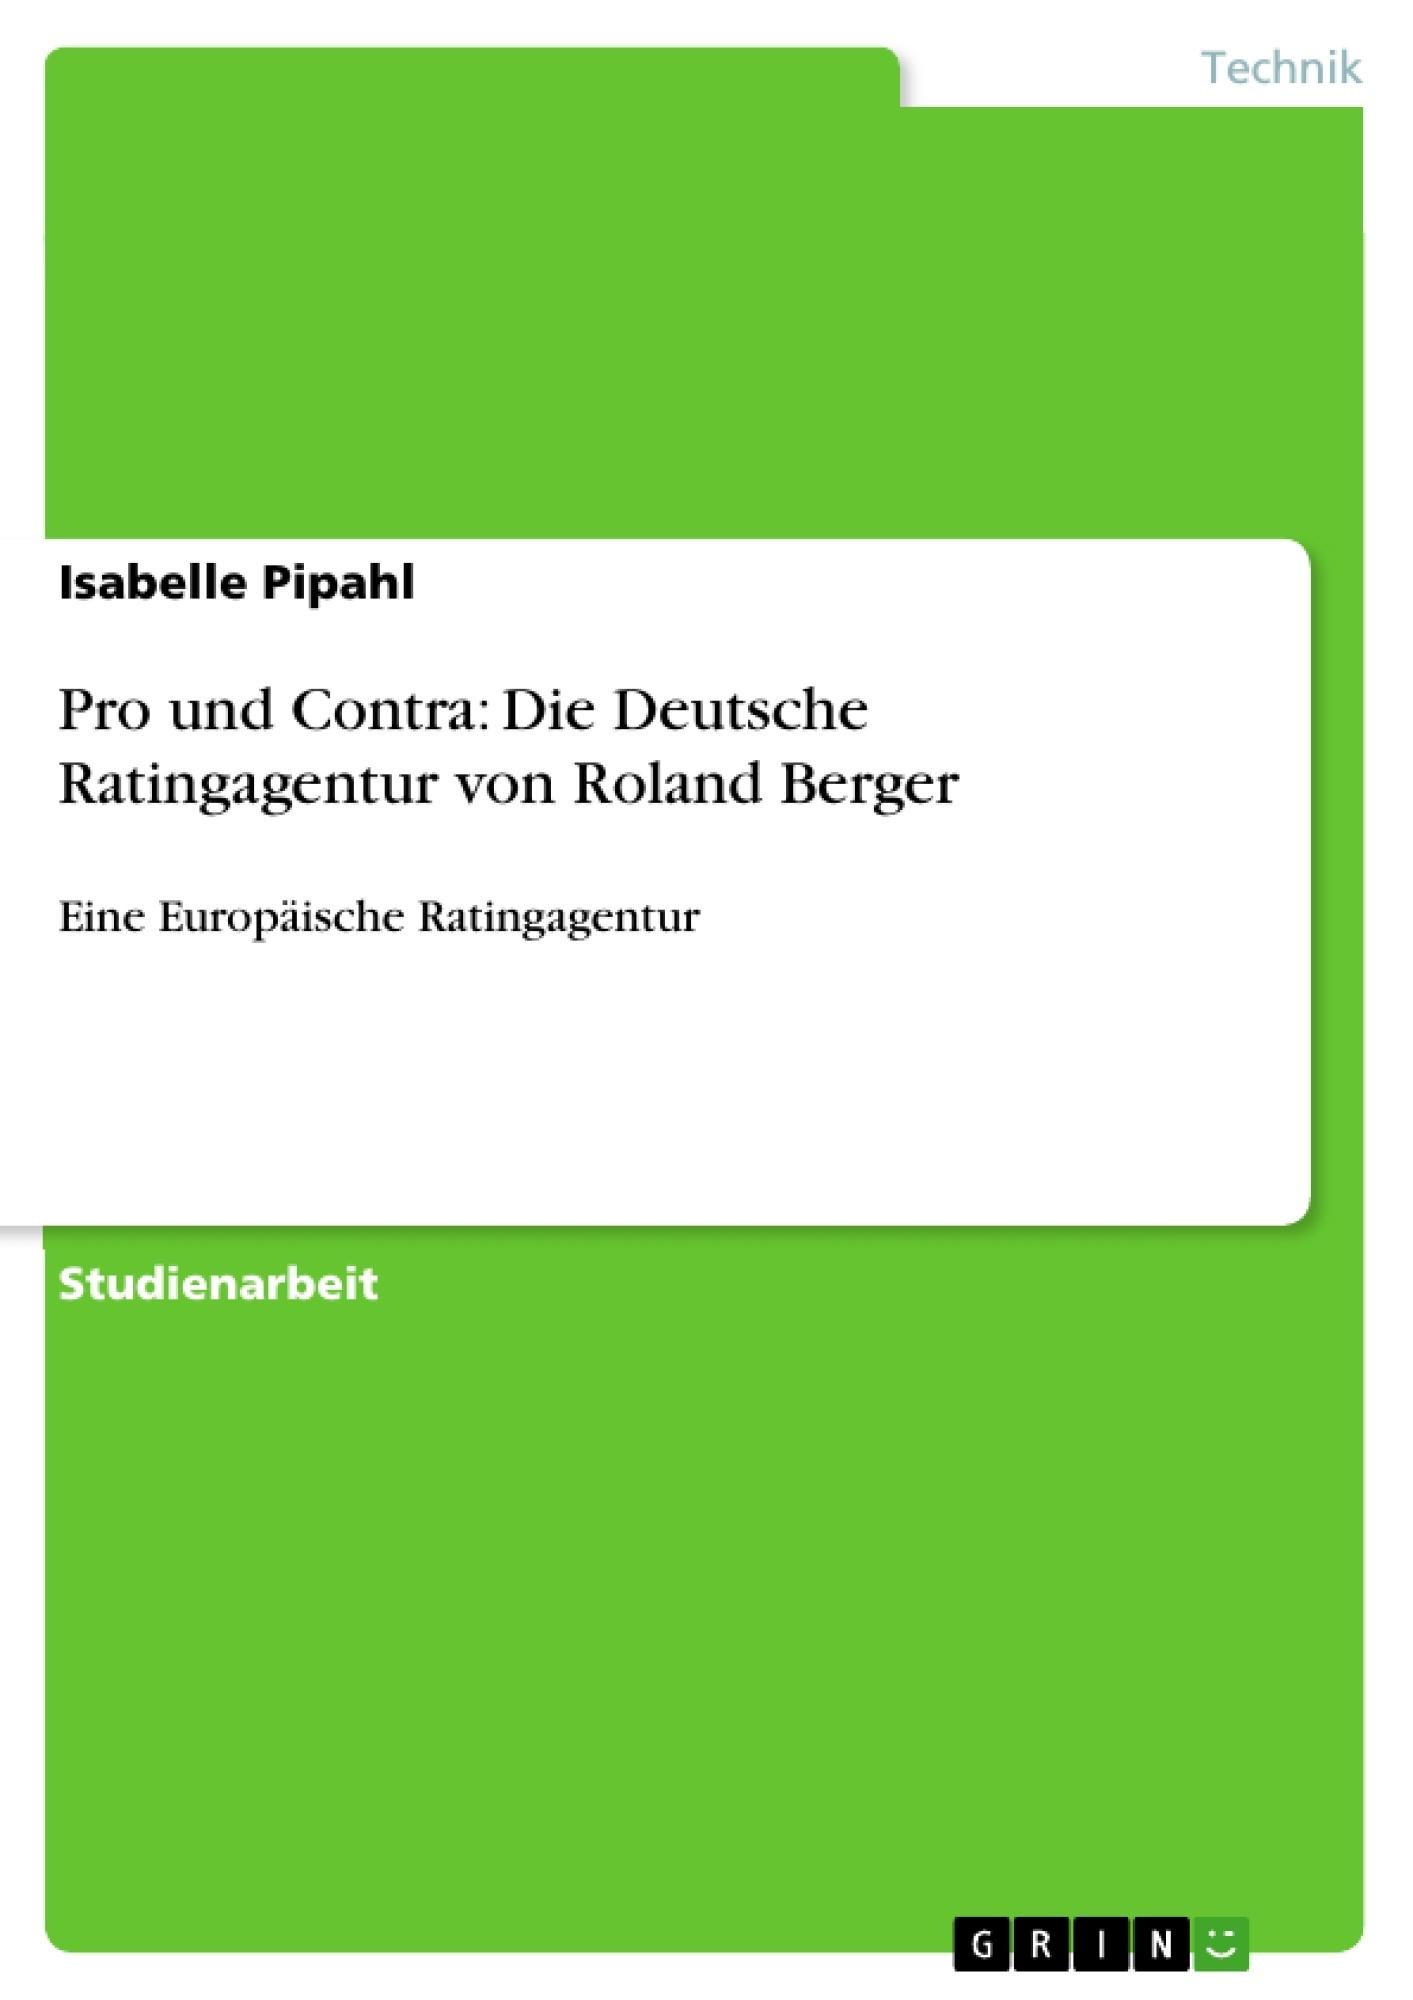 Titel: Pro und Contra: Die Deutsche Ratingagentur von Roland Berger